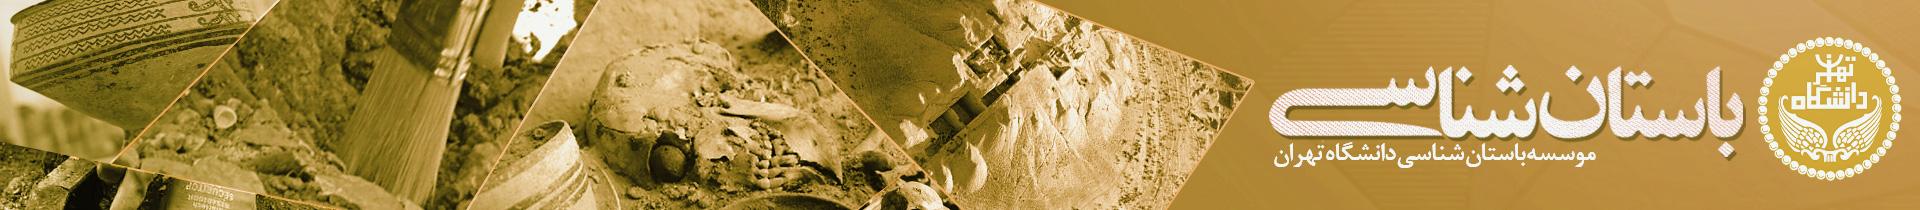 موسسه باستان شناسی دانشگاه تهران